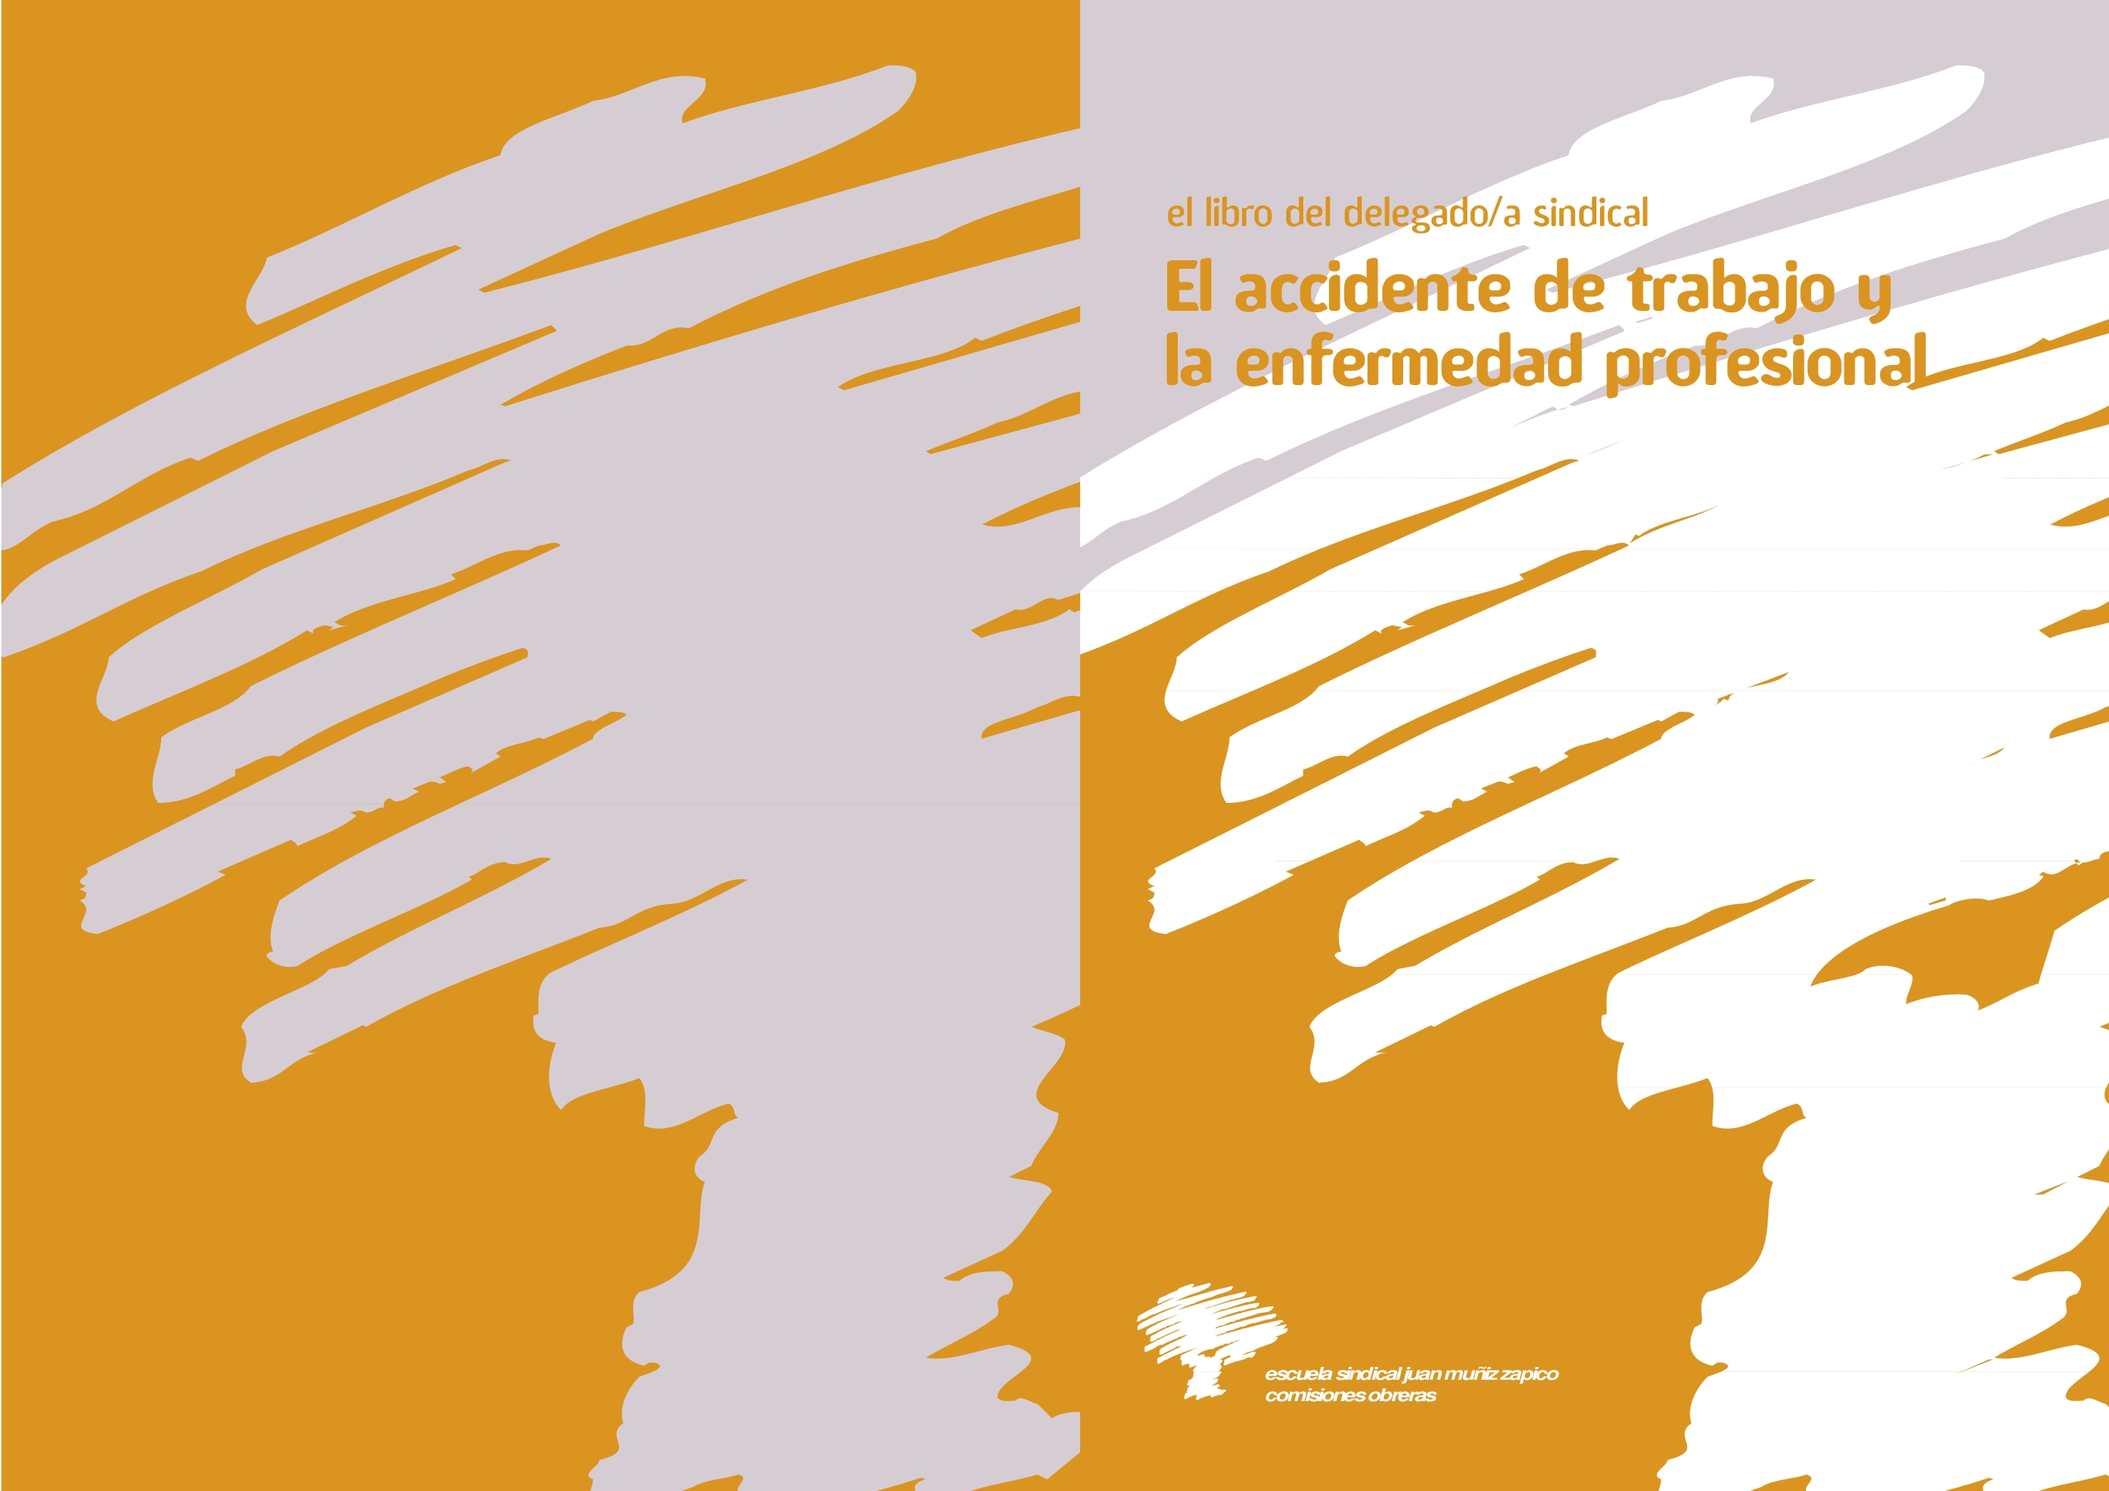 Calaméo - El Accidente de Trabajo y la Enfermedad Profesional